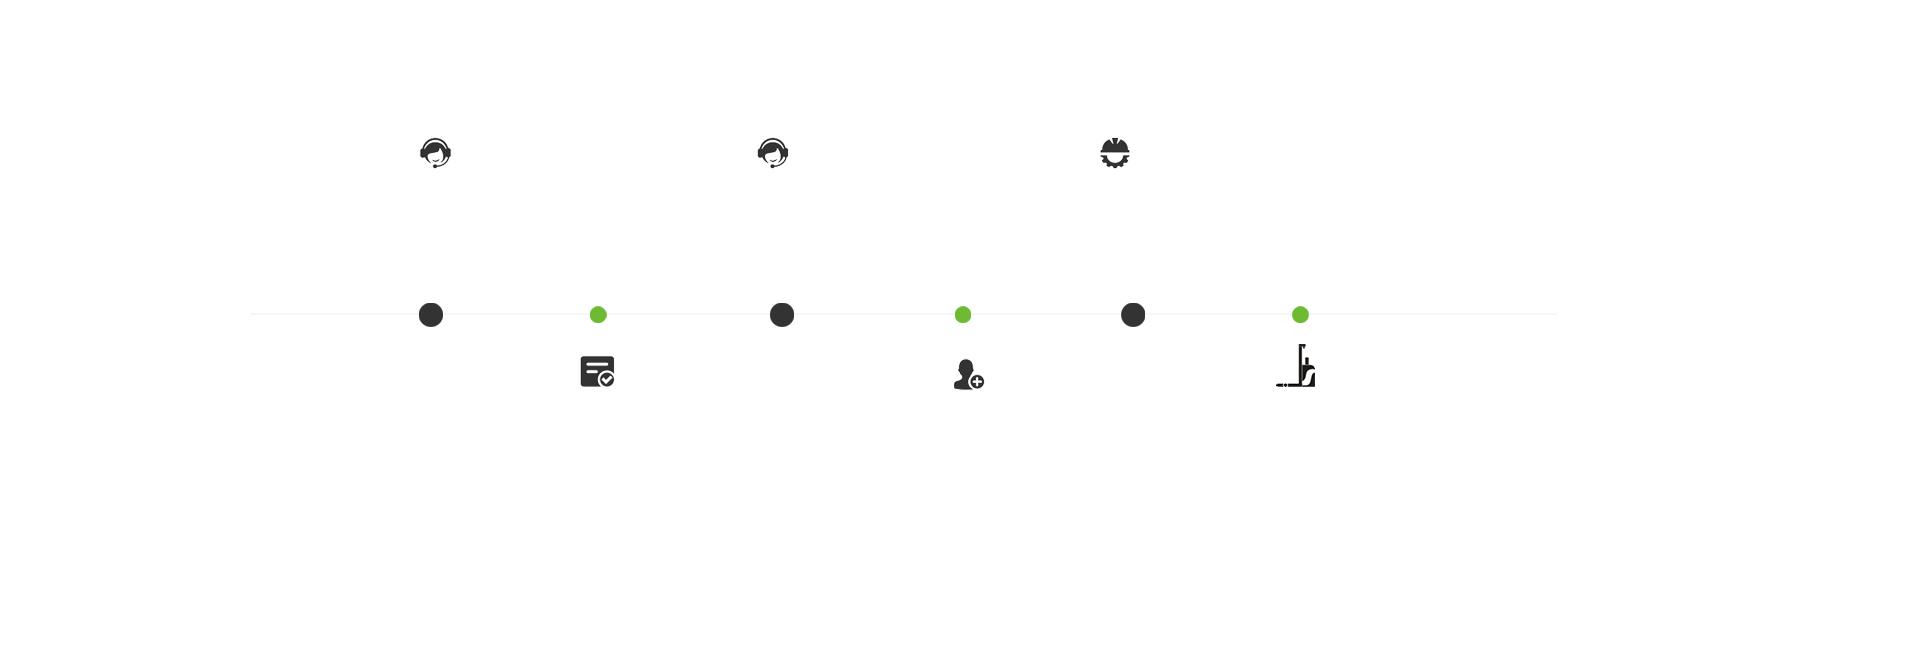 智能叉车AGV无人叉车项目需求先咨询凌鸟智能,专业规划专员为您制定完美的AGV小车解决方案